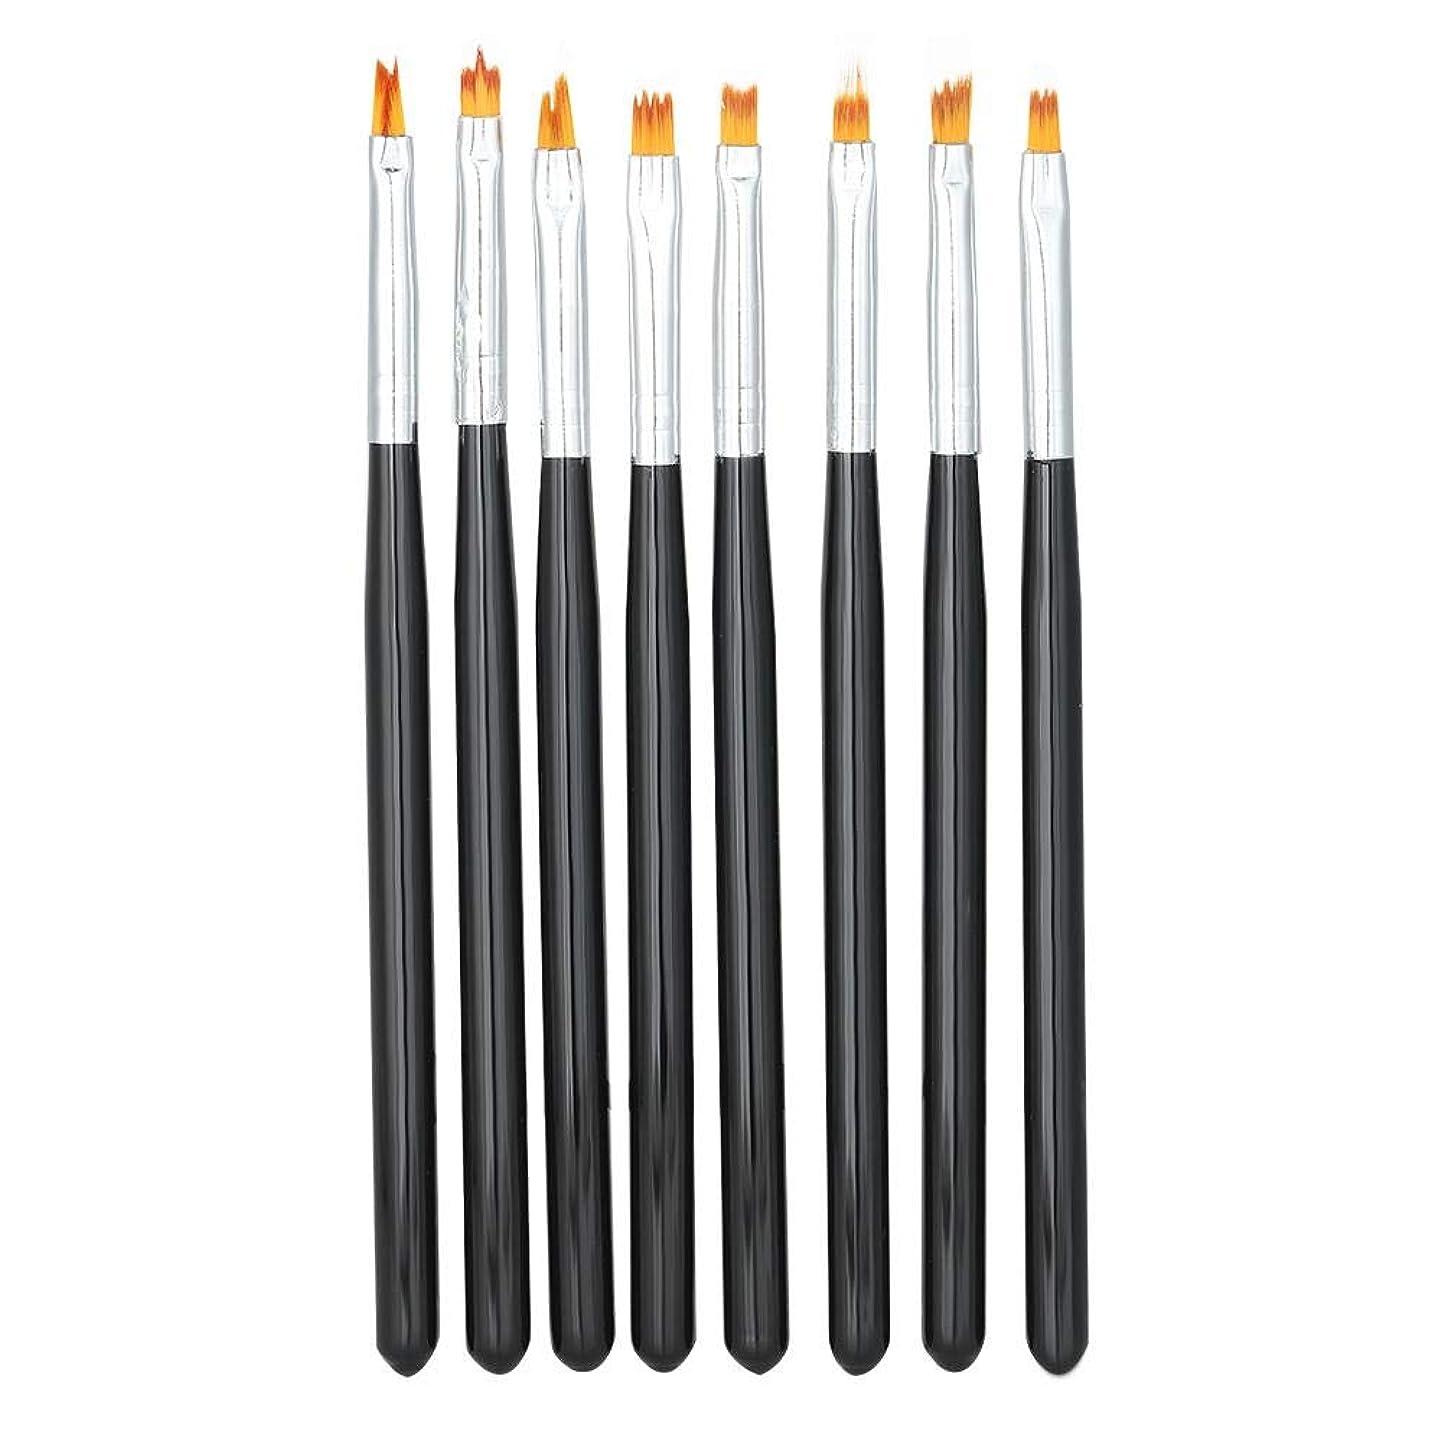 櫛首品種ネイルアートペンブラシセット、8枚花描画絵画花びらグラデーションペンマニキュアツール